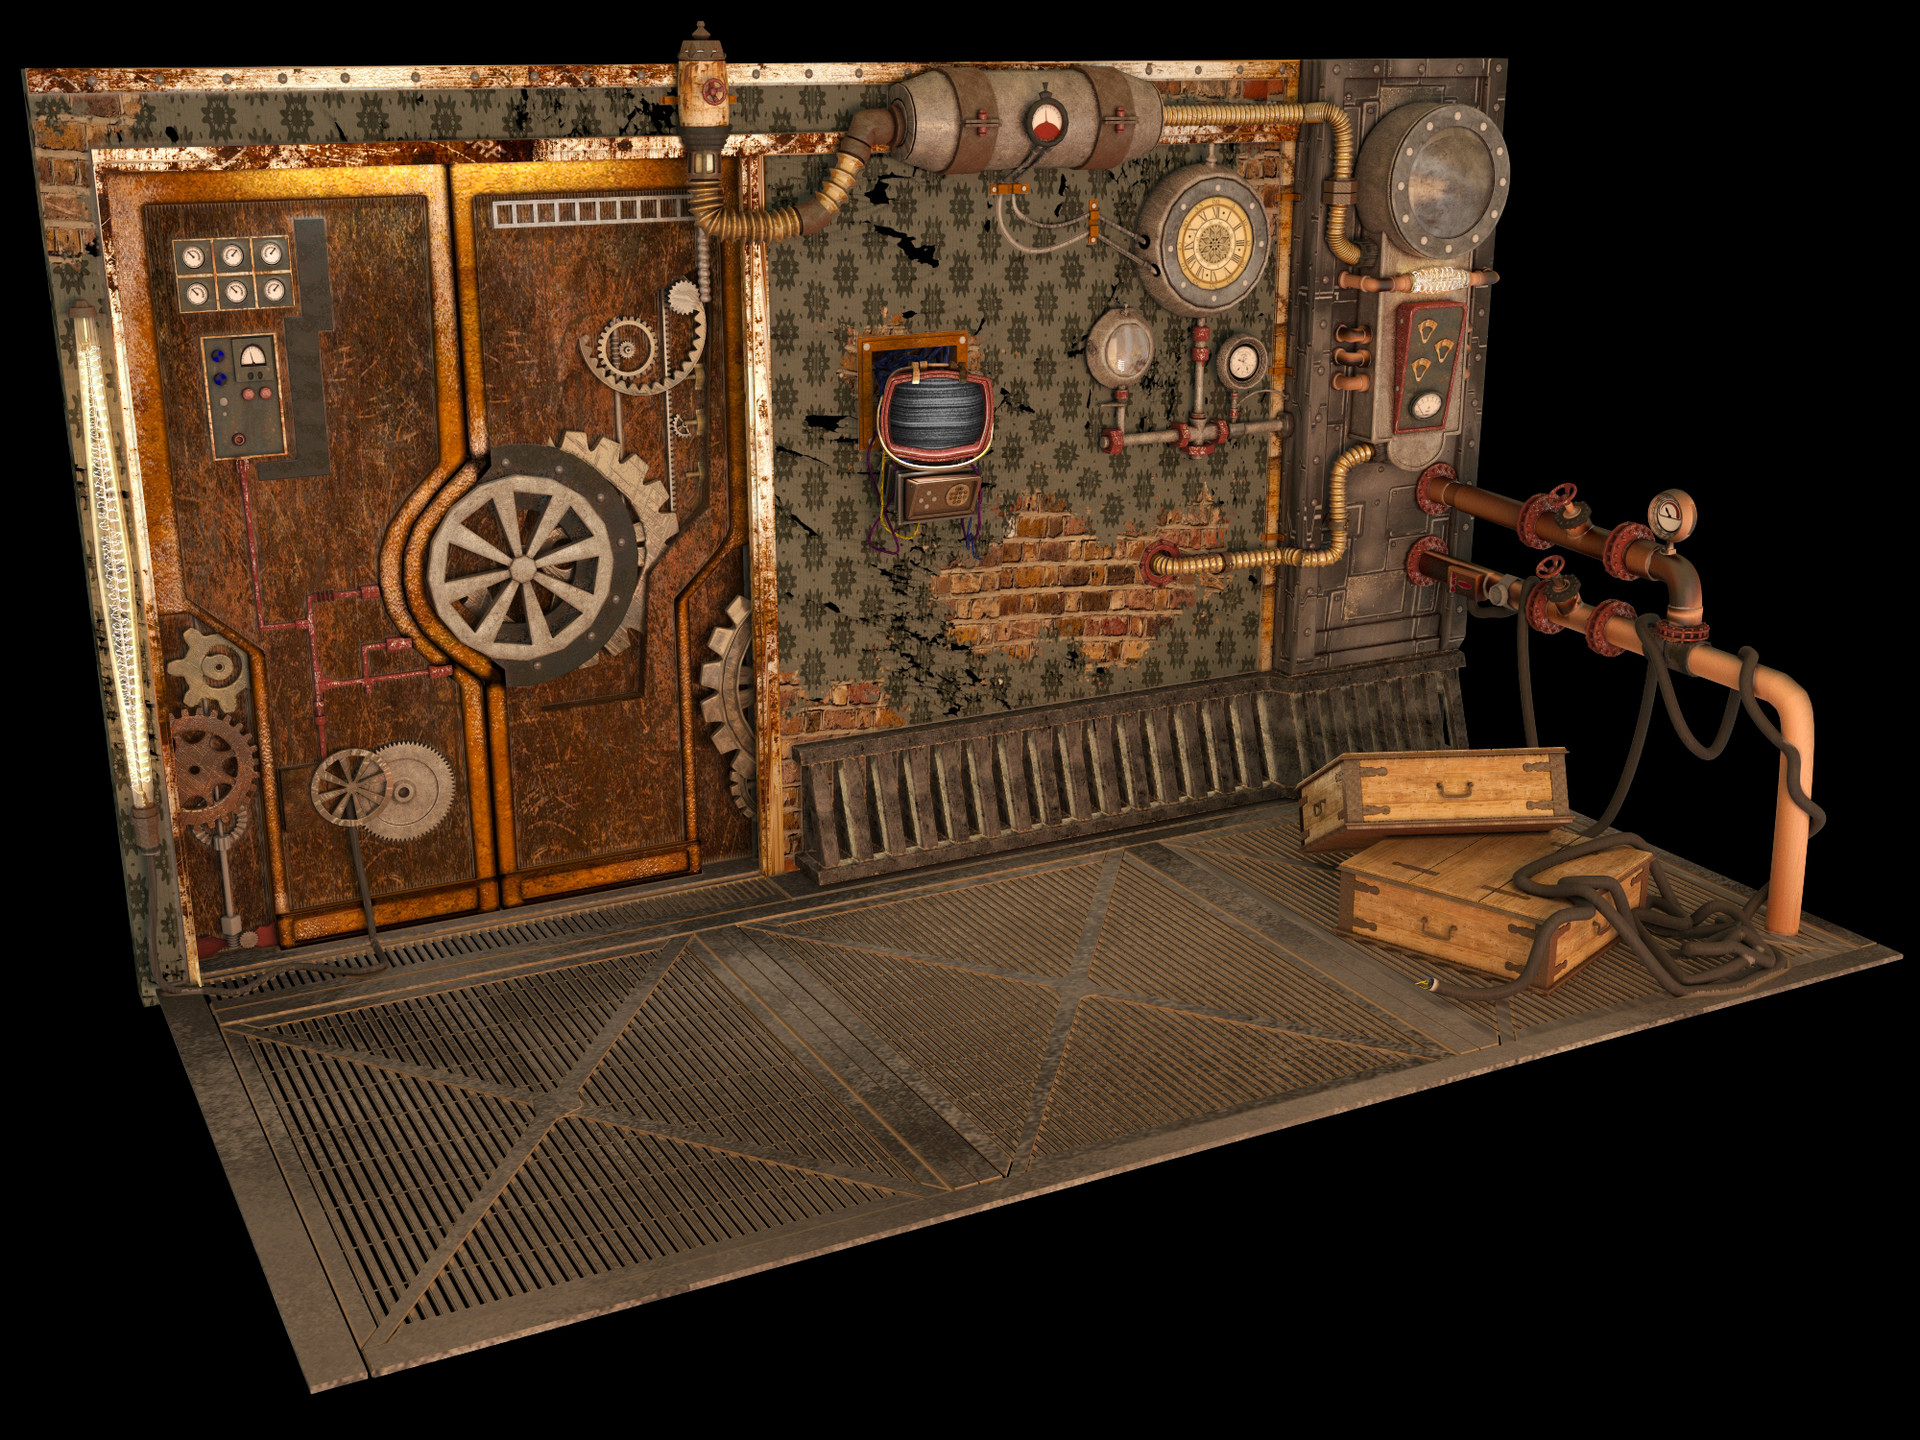 Anna troitskaya render1 & Anna Troitskaya - Steampunk Door Section